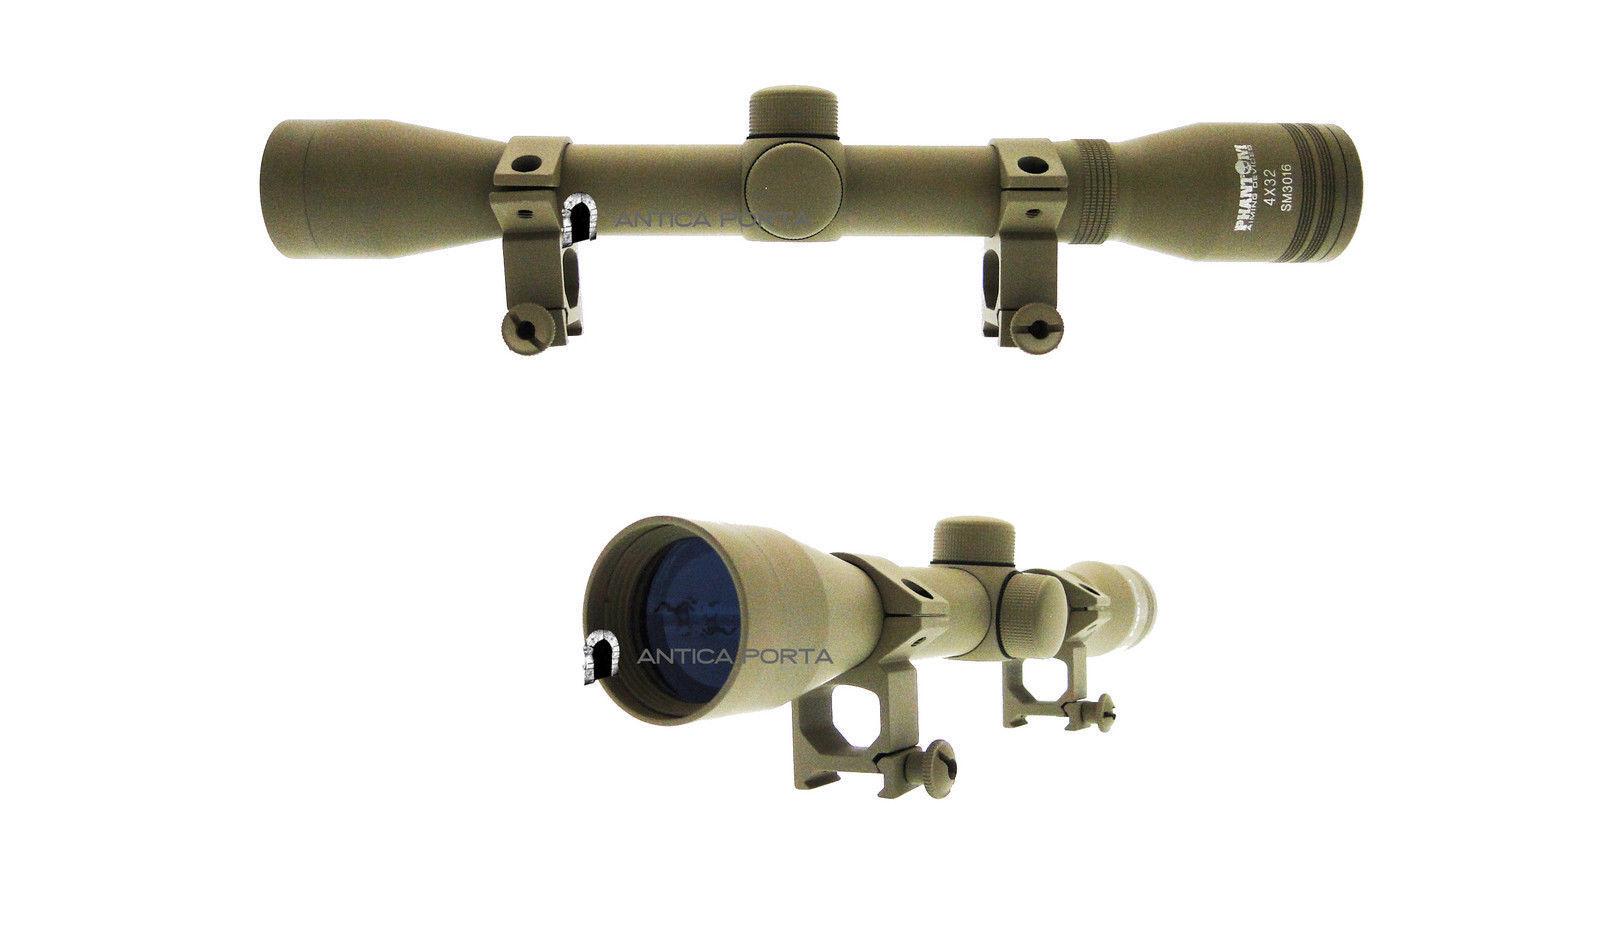 Optics 4 x 32 Fine Duplex LONG TAN JS-Tactical